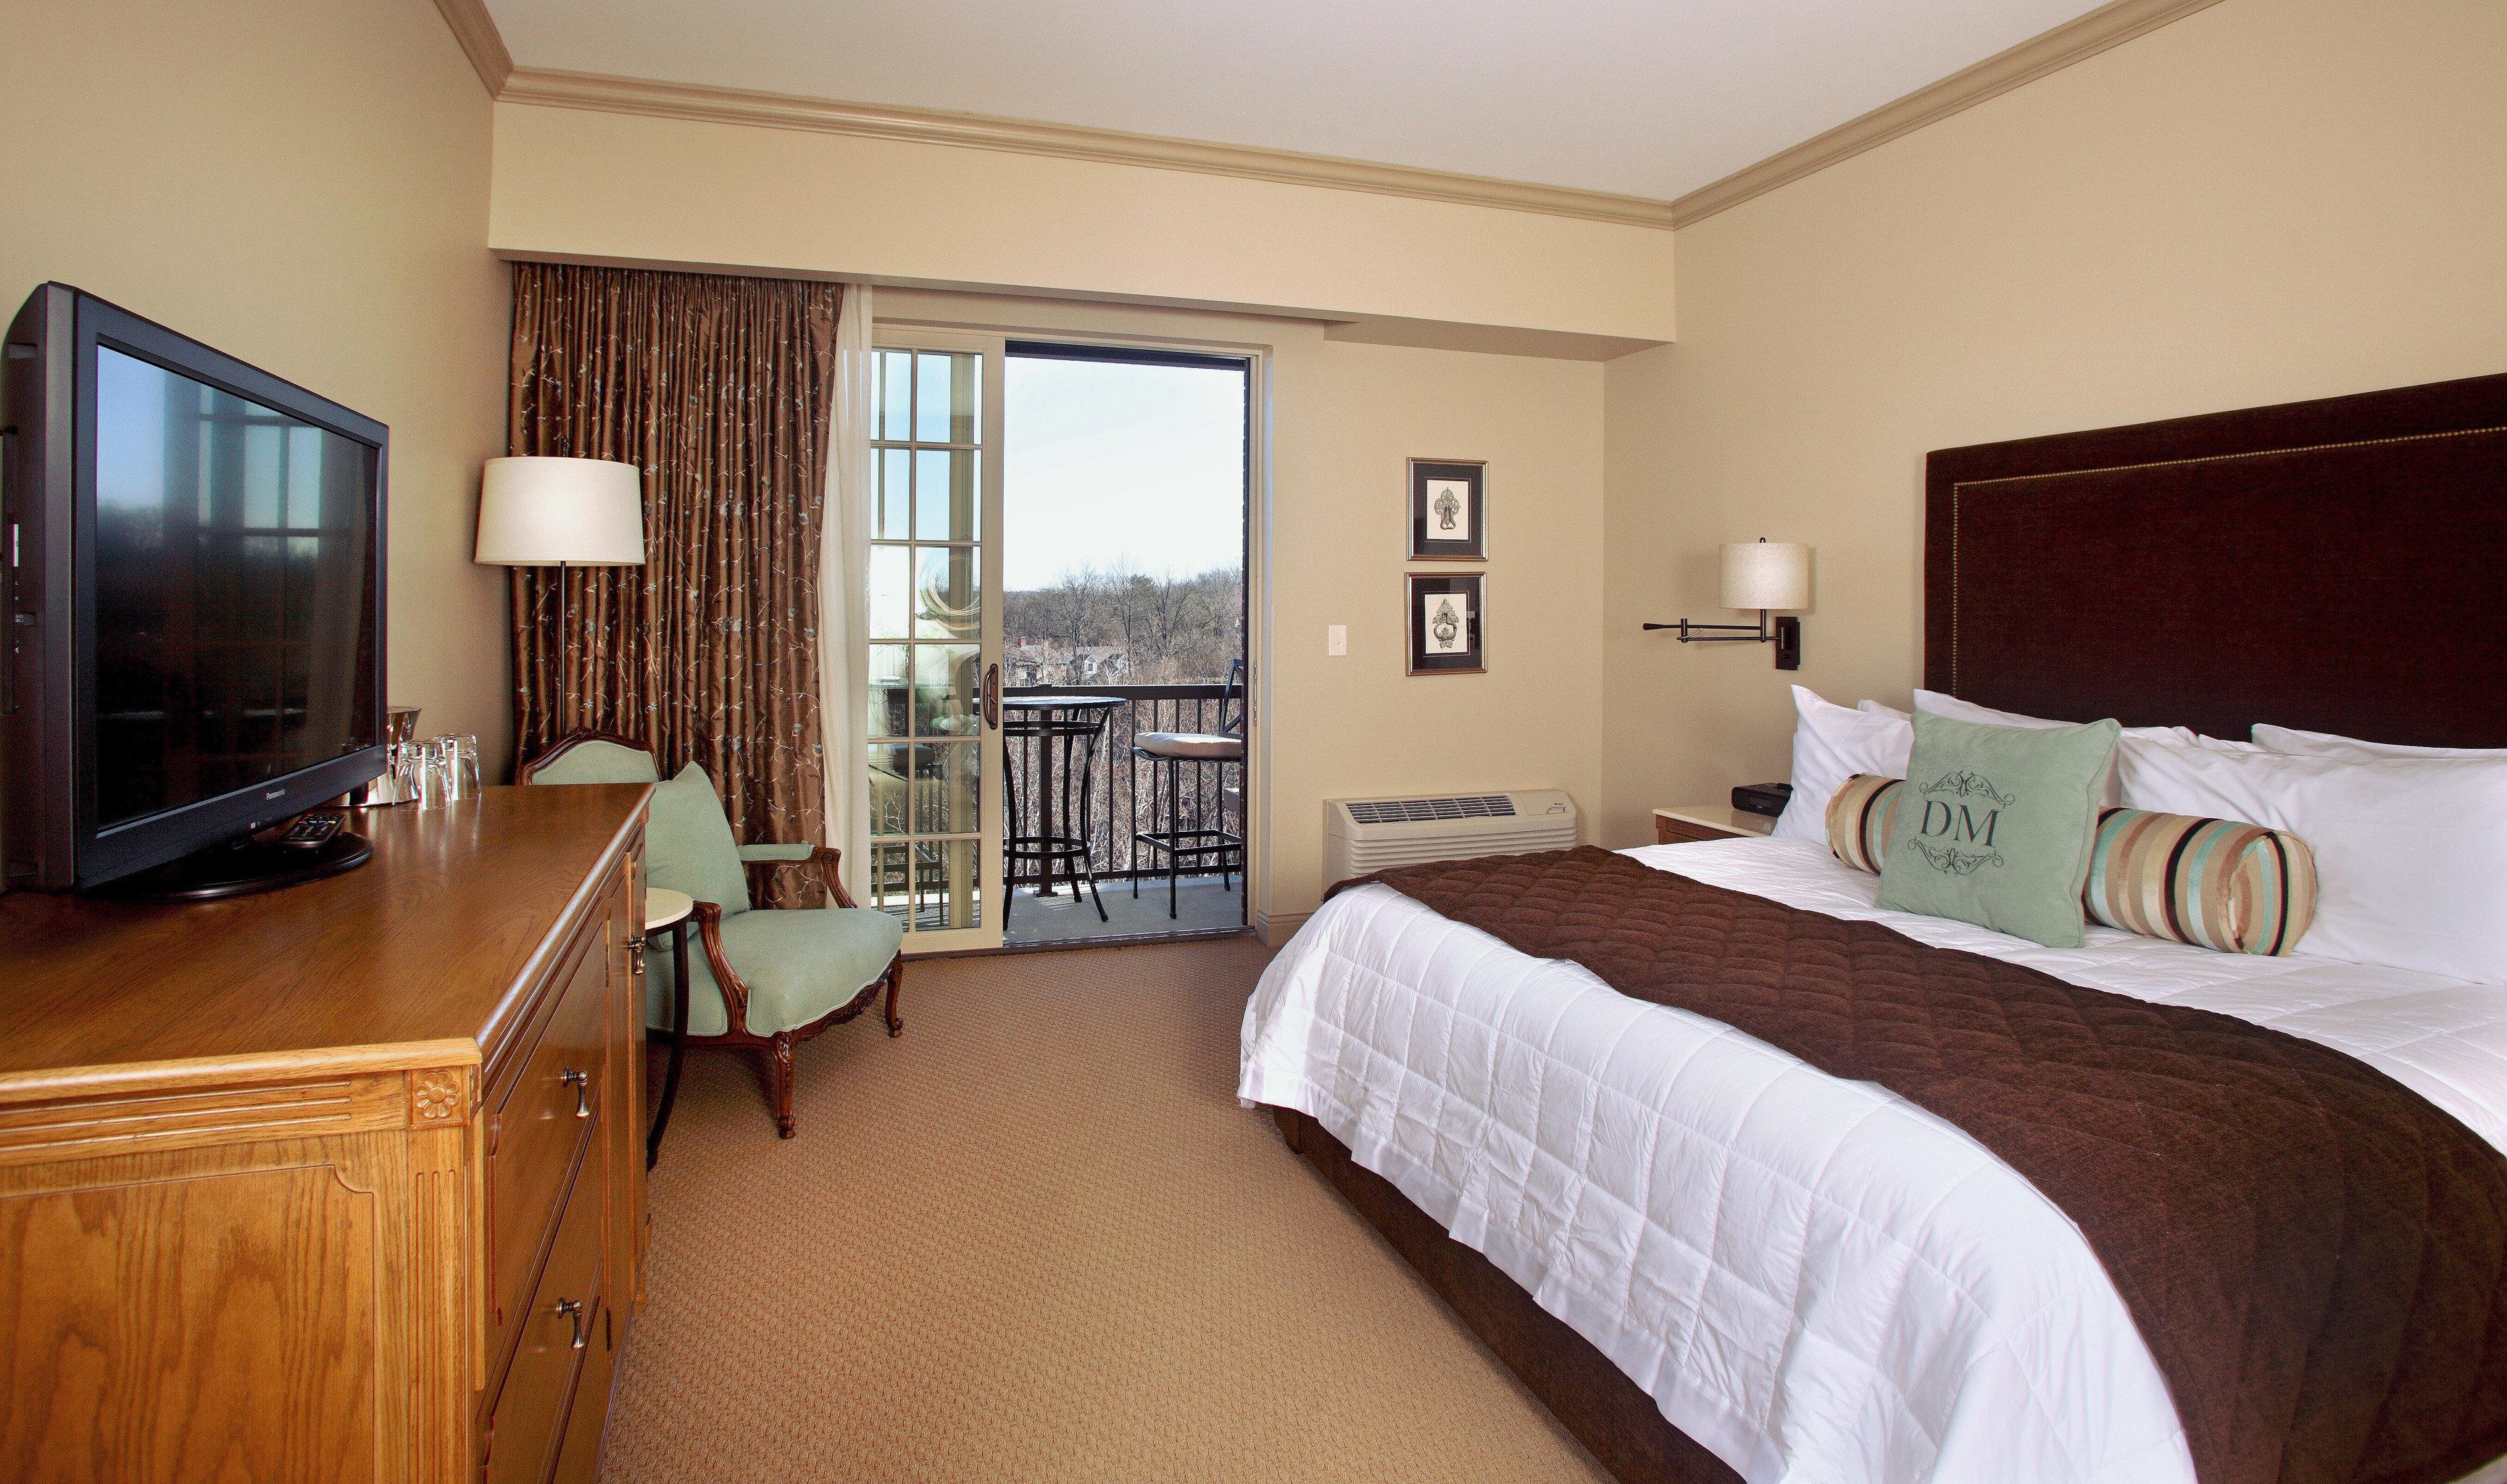 Bedroom Modern Suite property cottage